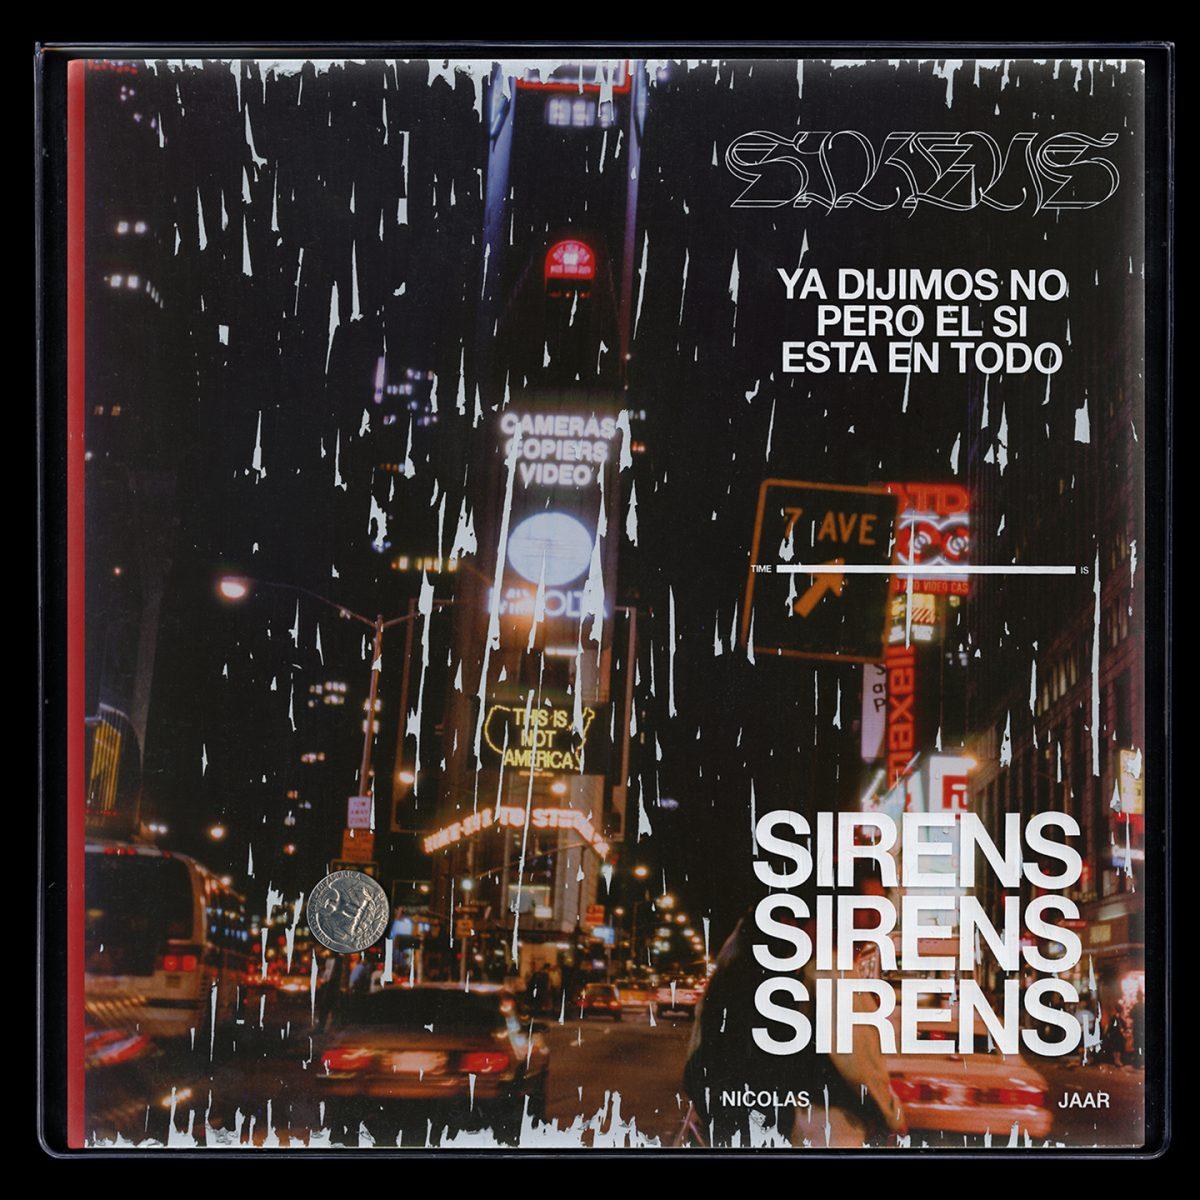 nicolas-jaar_sirens